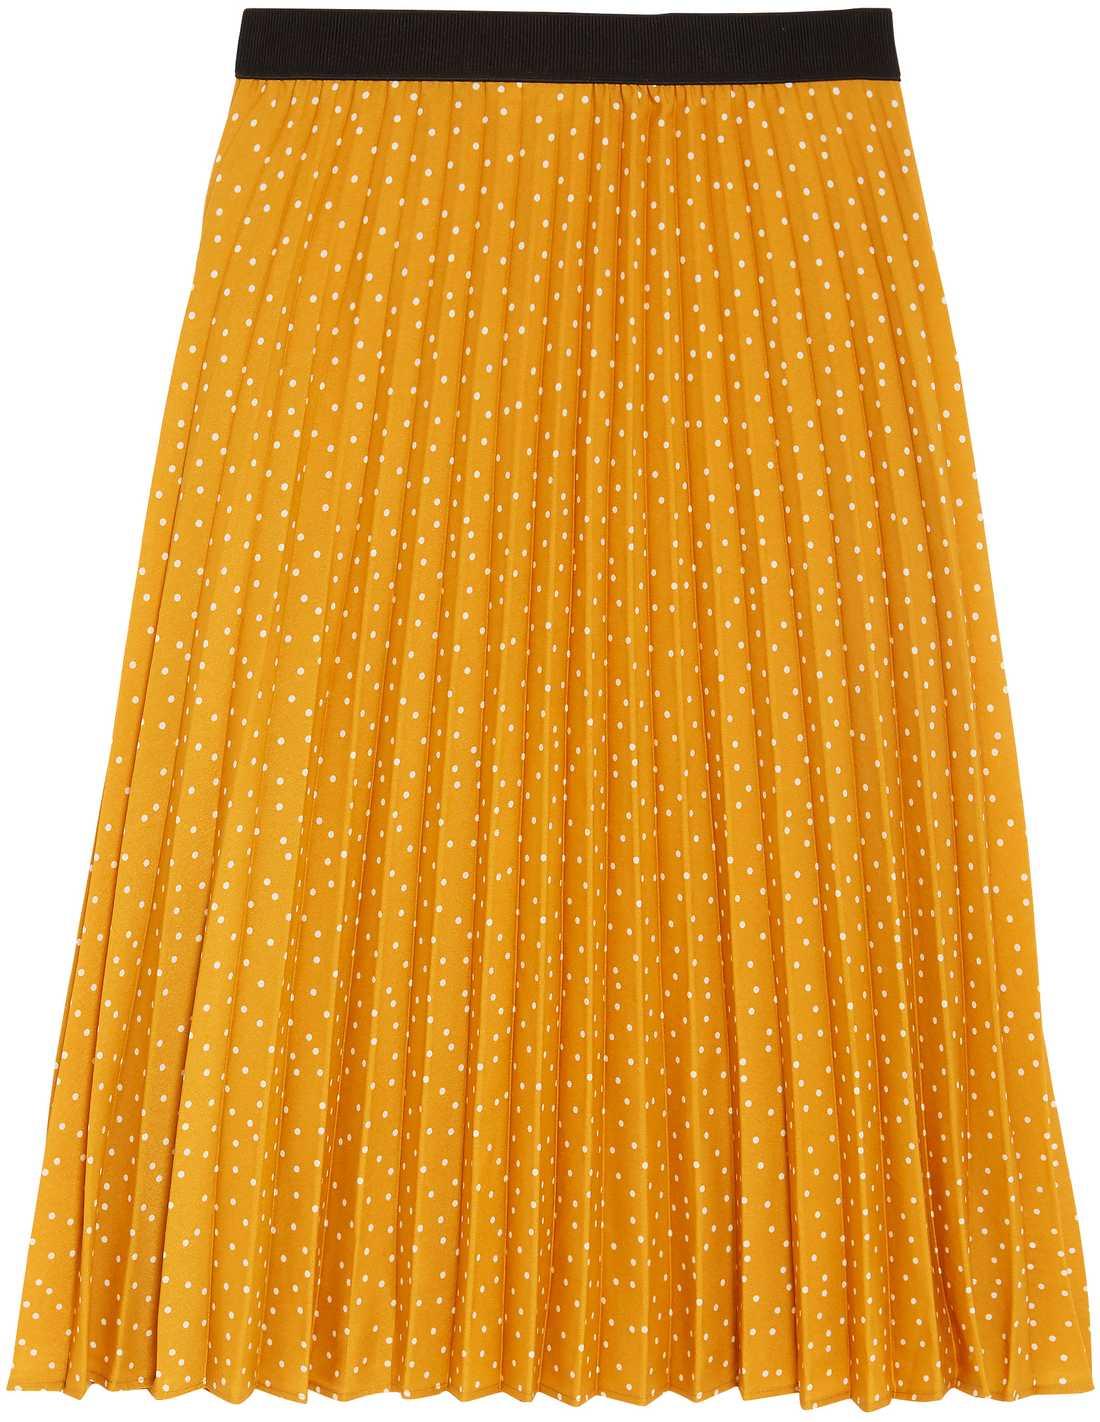 Senapsgul kjol med resår, 499 kronor, Kappahl.